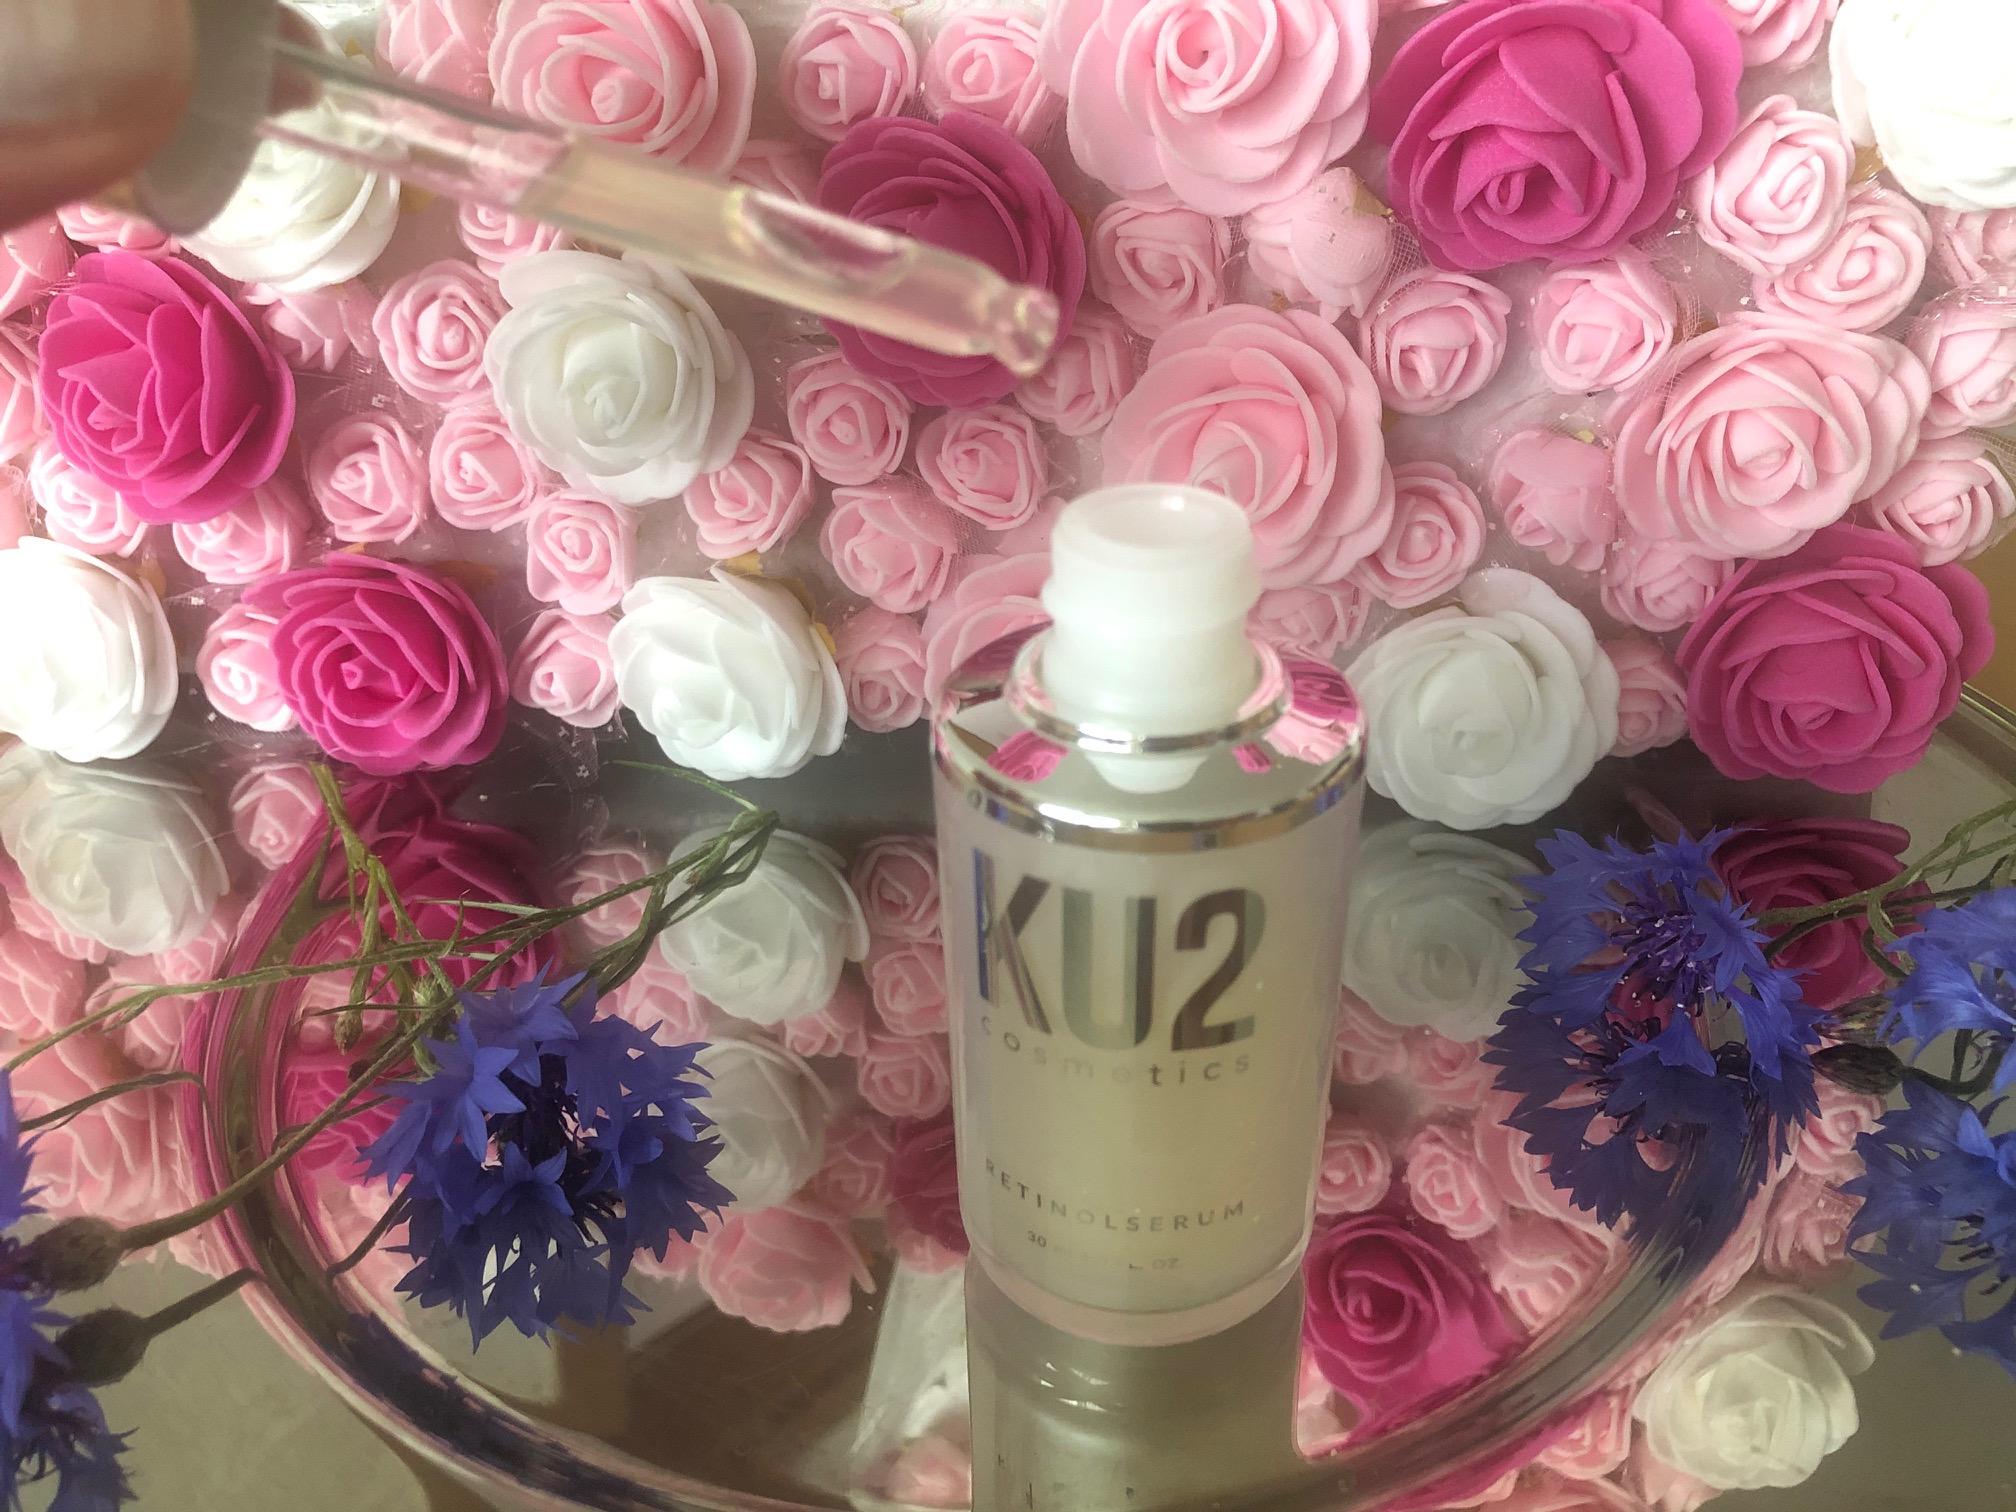 KU2 Cosmetics Retinolserum im Test und Erfahrung